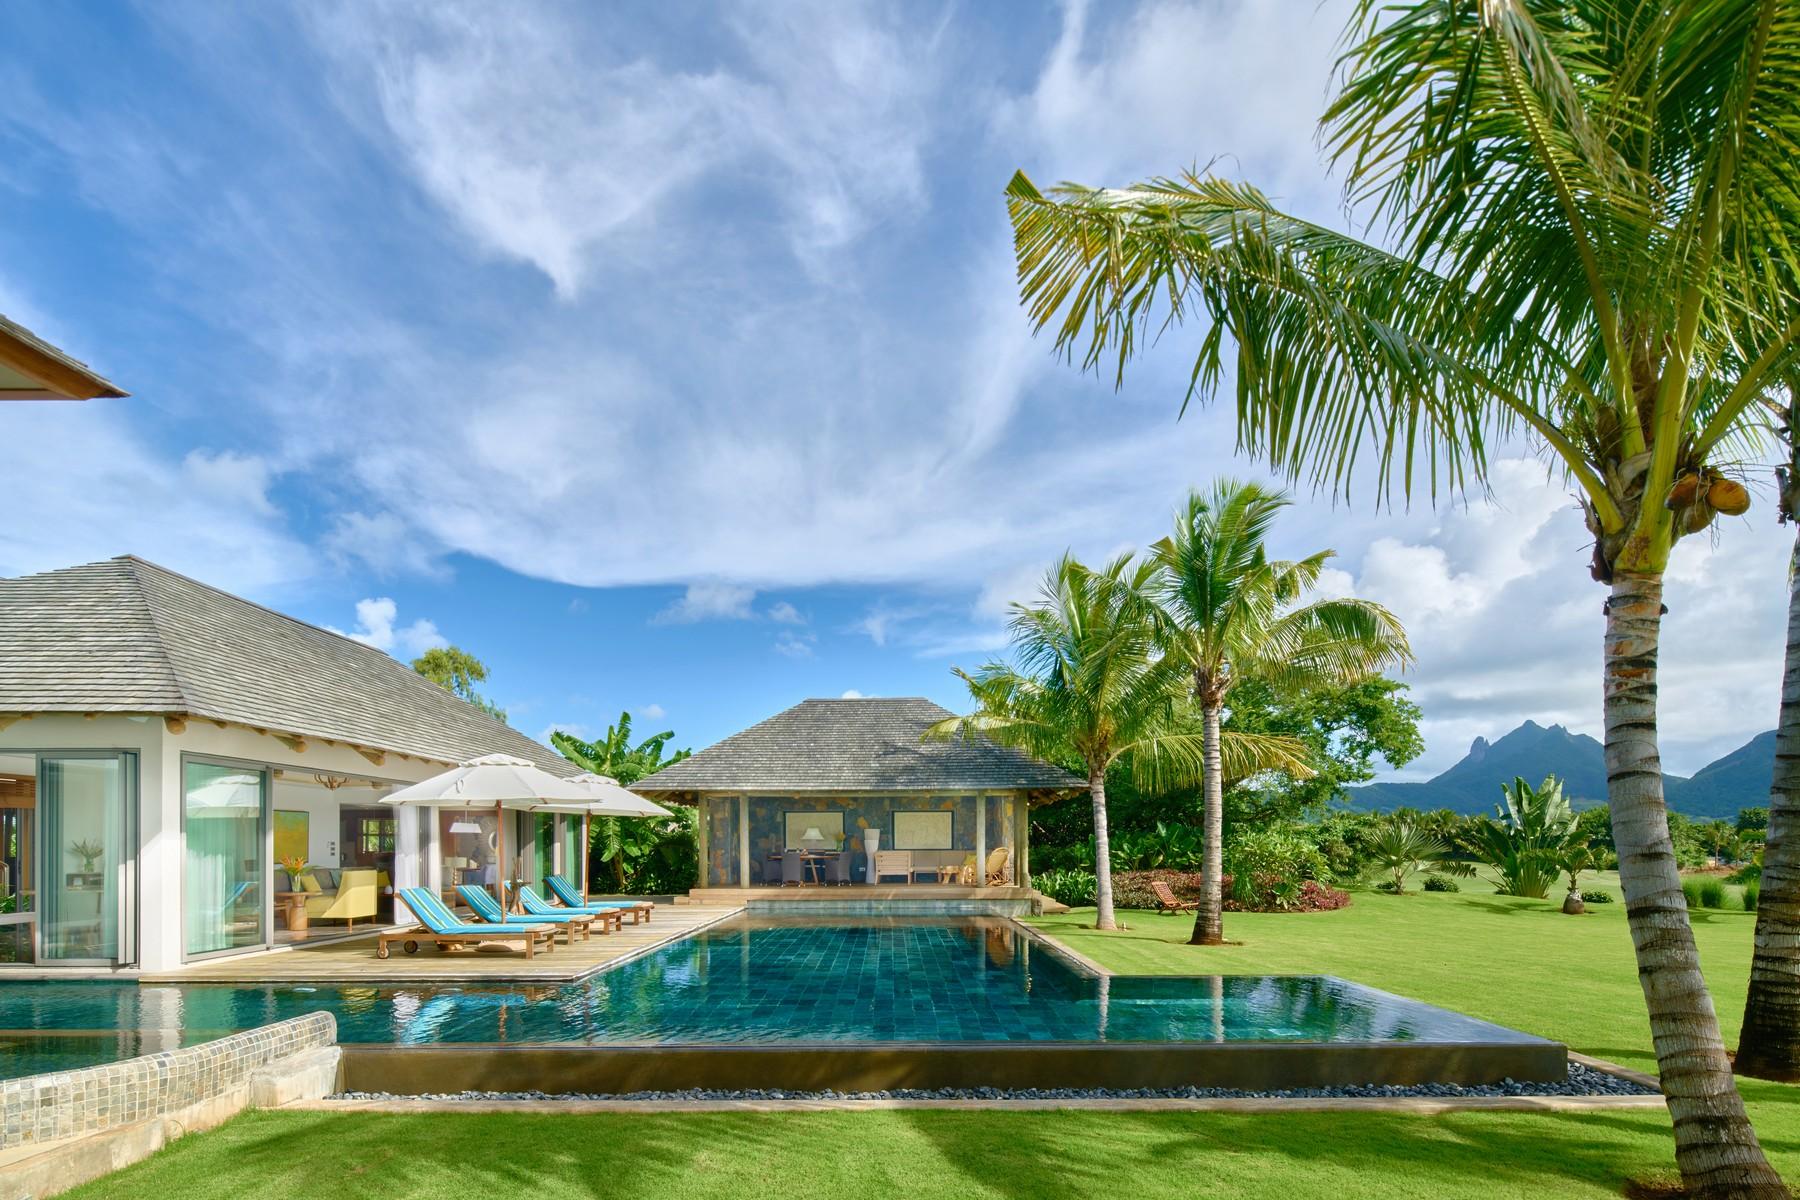 Single Family Home for Sale at Solaia Designer Golf estate, Anahita. Beau Champ, Flacq, Mauritius